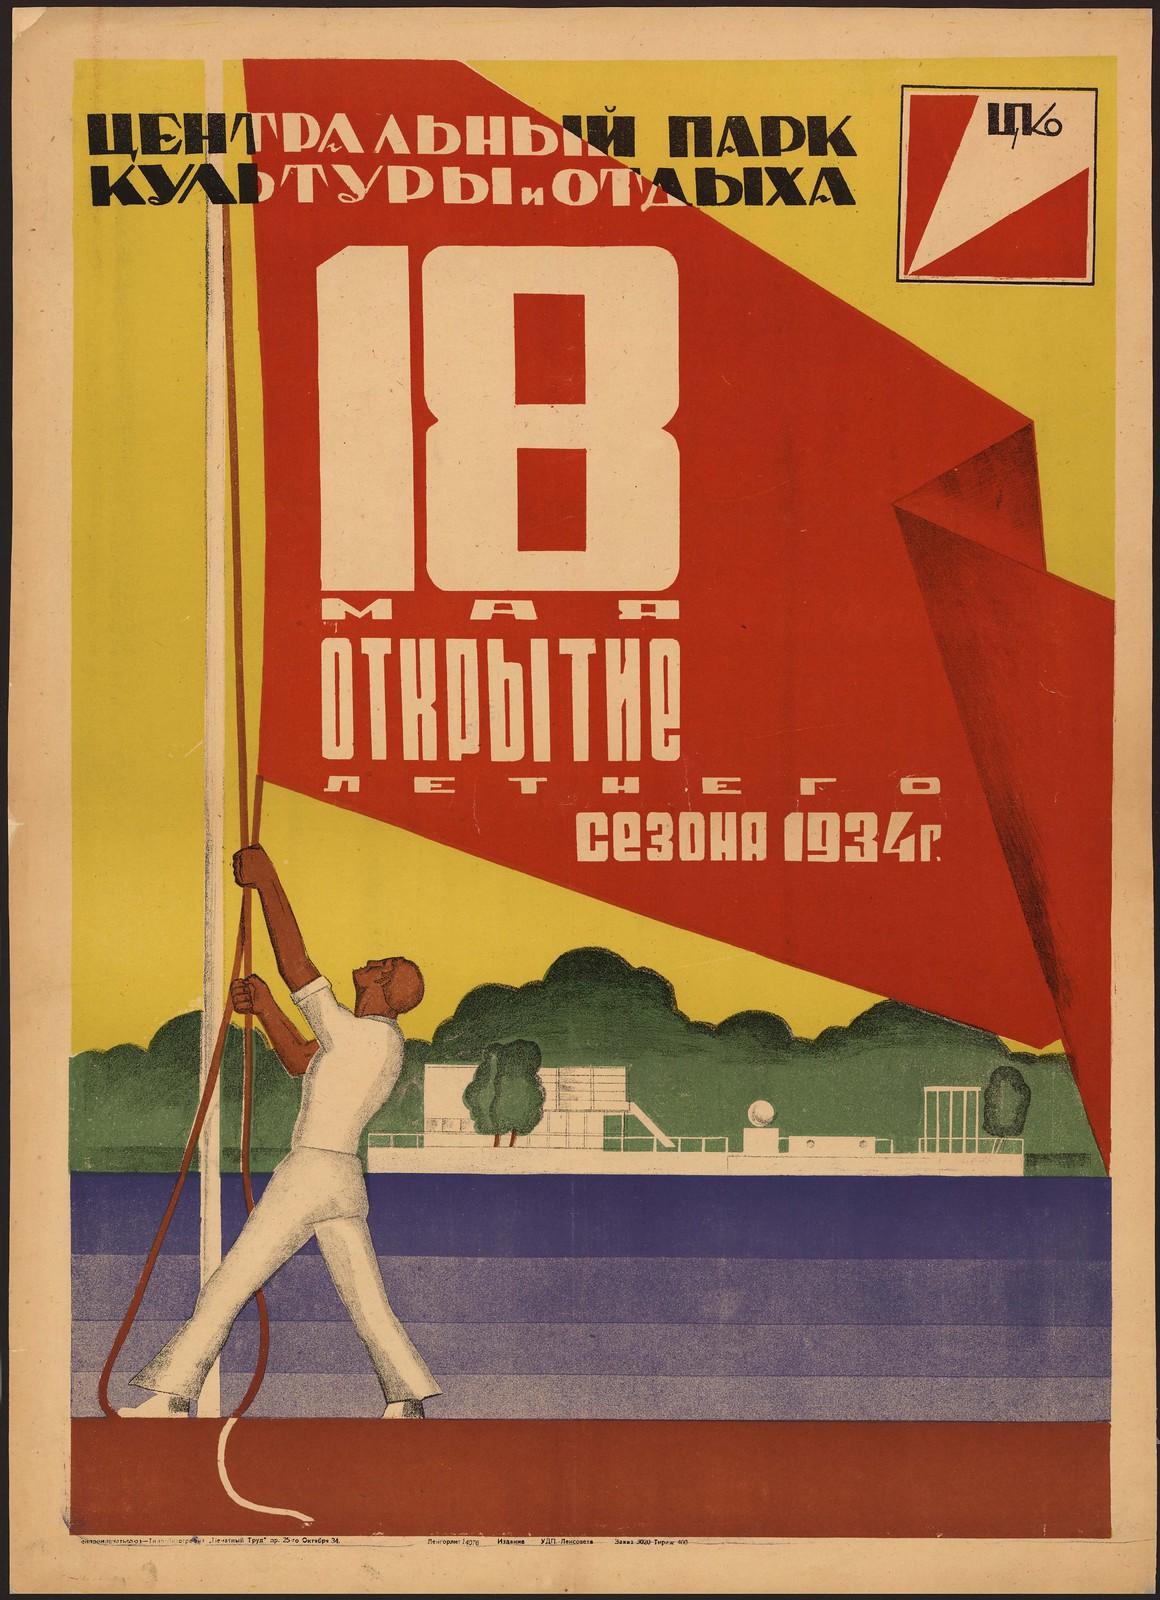 1934. Центральный парк культуры и отдыха. 18 мая открытие летнего сезога